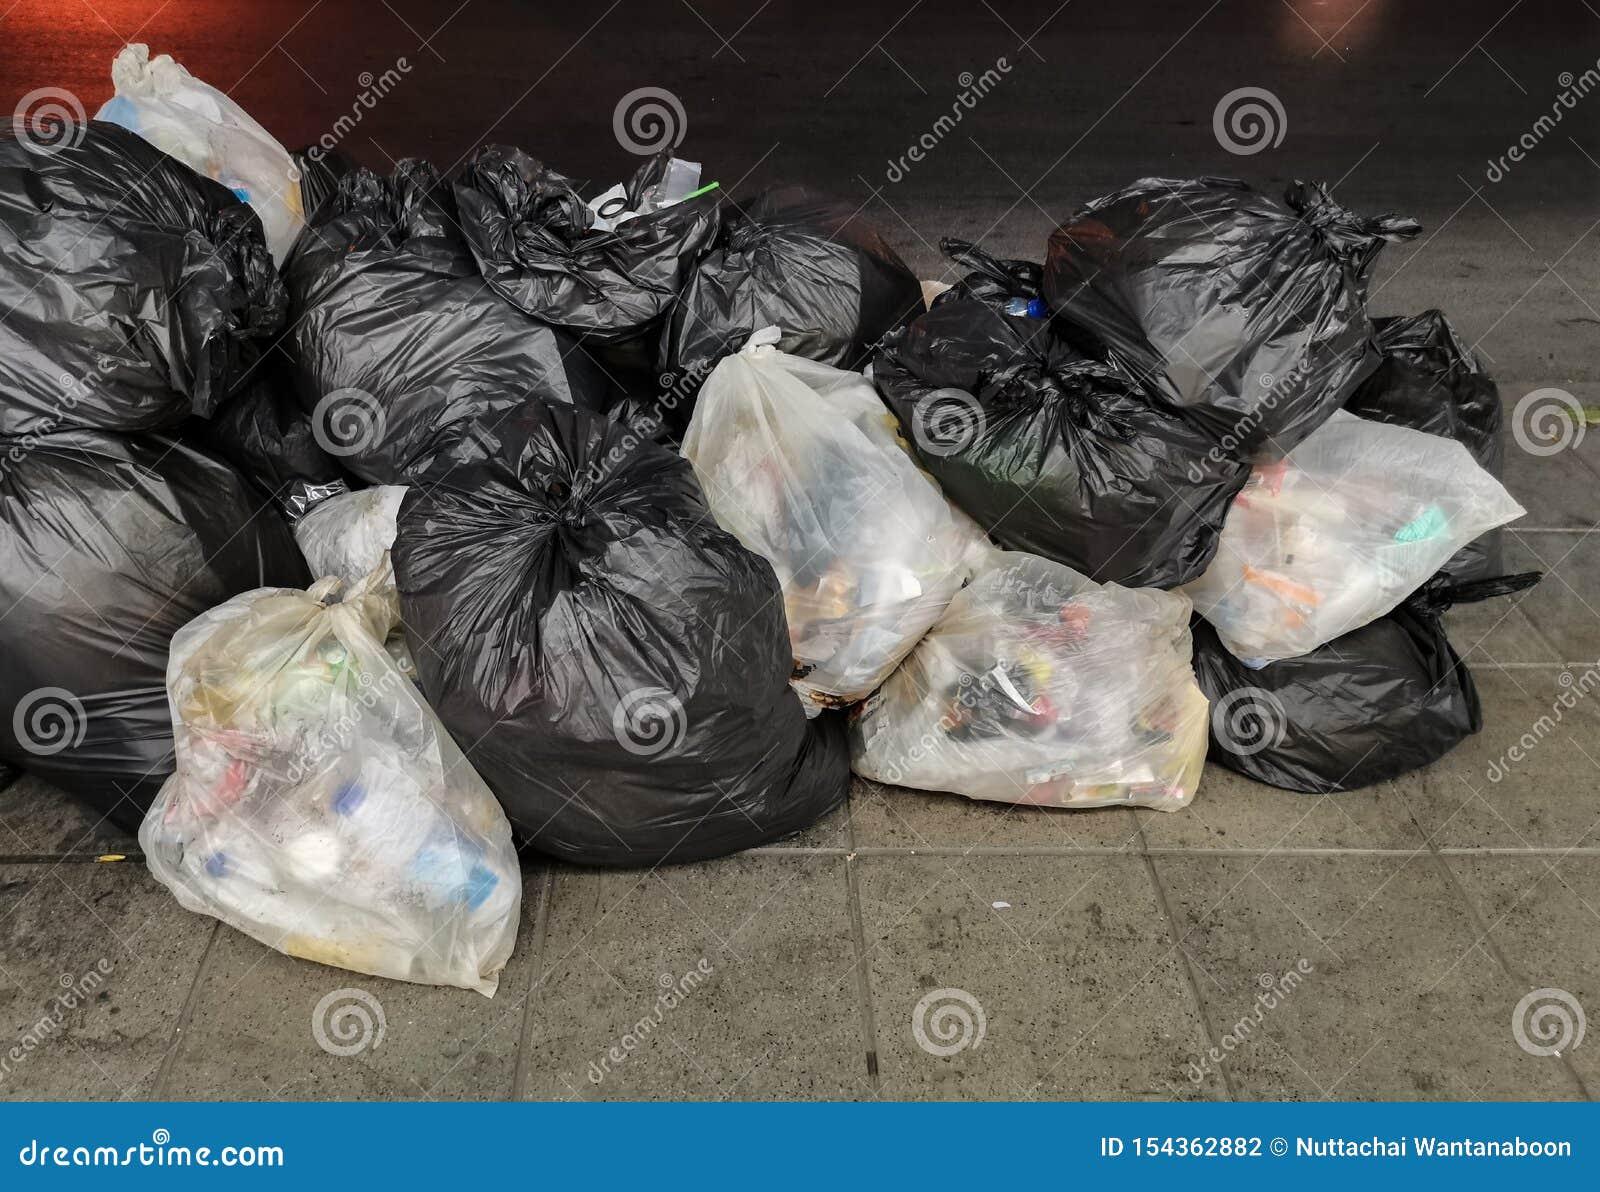 Basura - el montón de basura en el bolso blanco y negro se junta en el sendero, borde de la carretera en la ciudad, espera para l